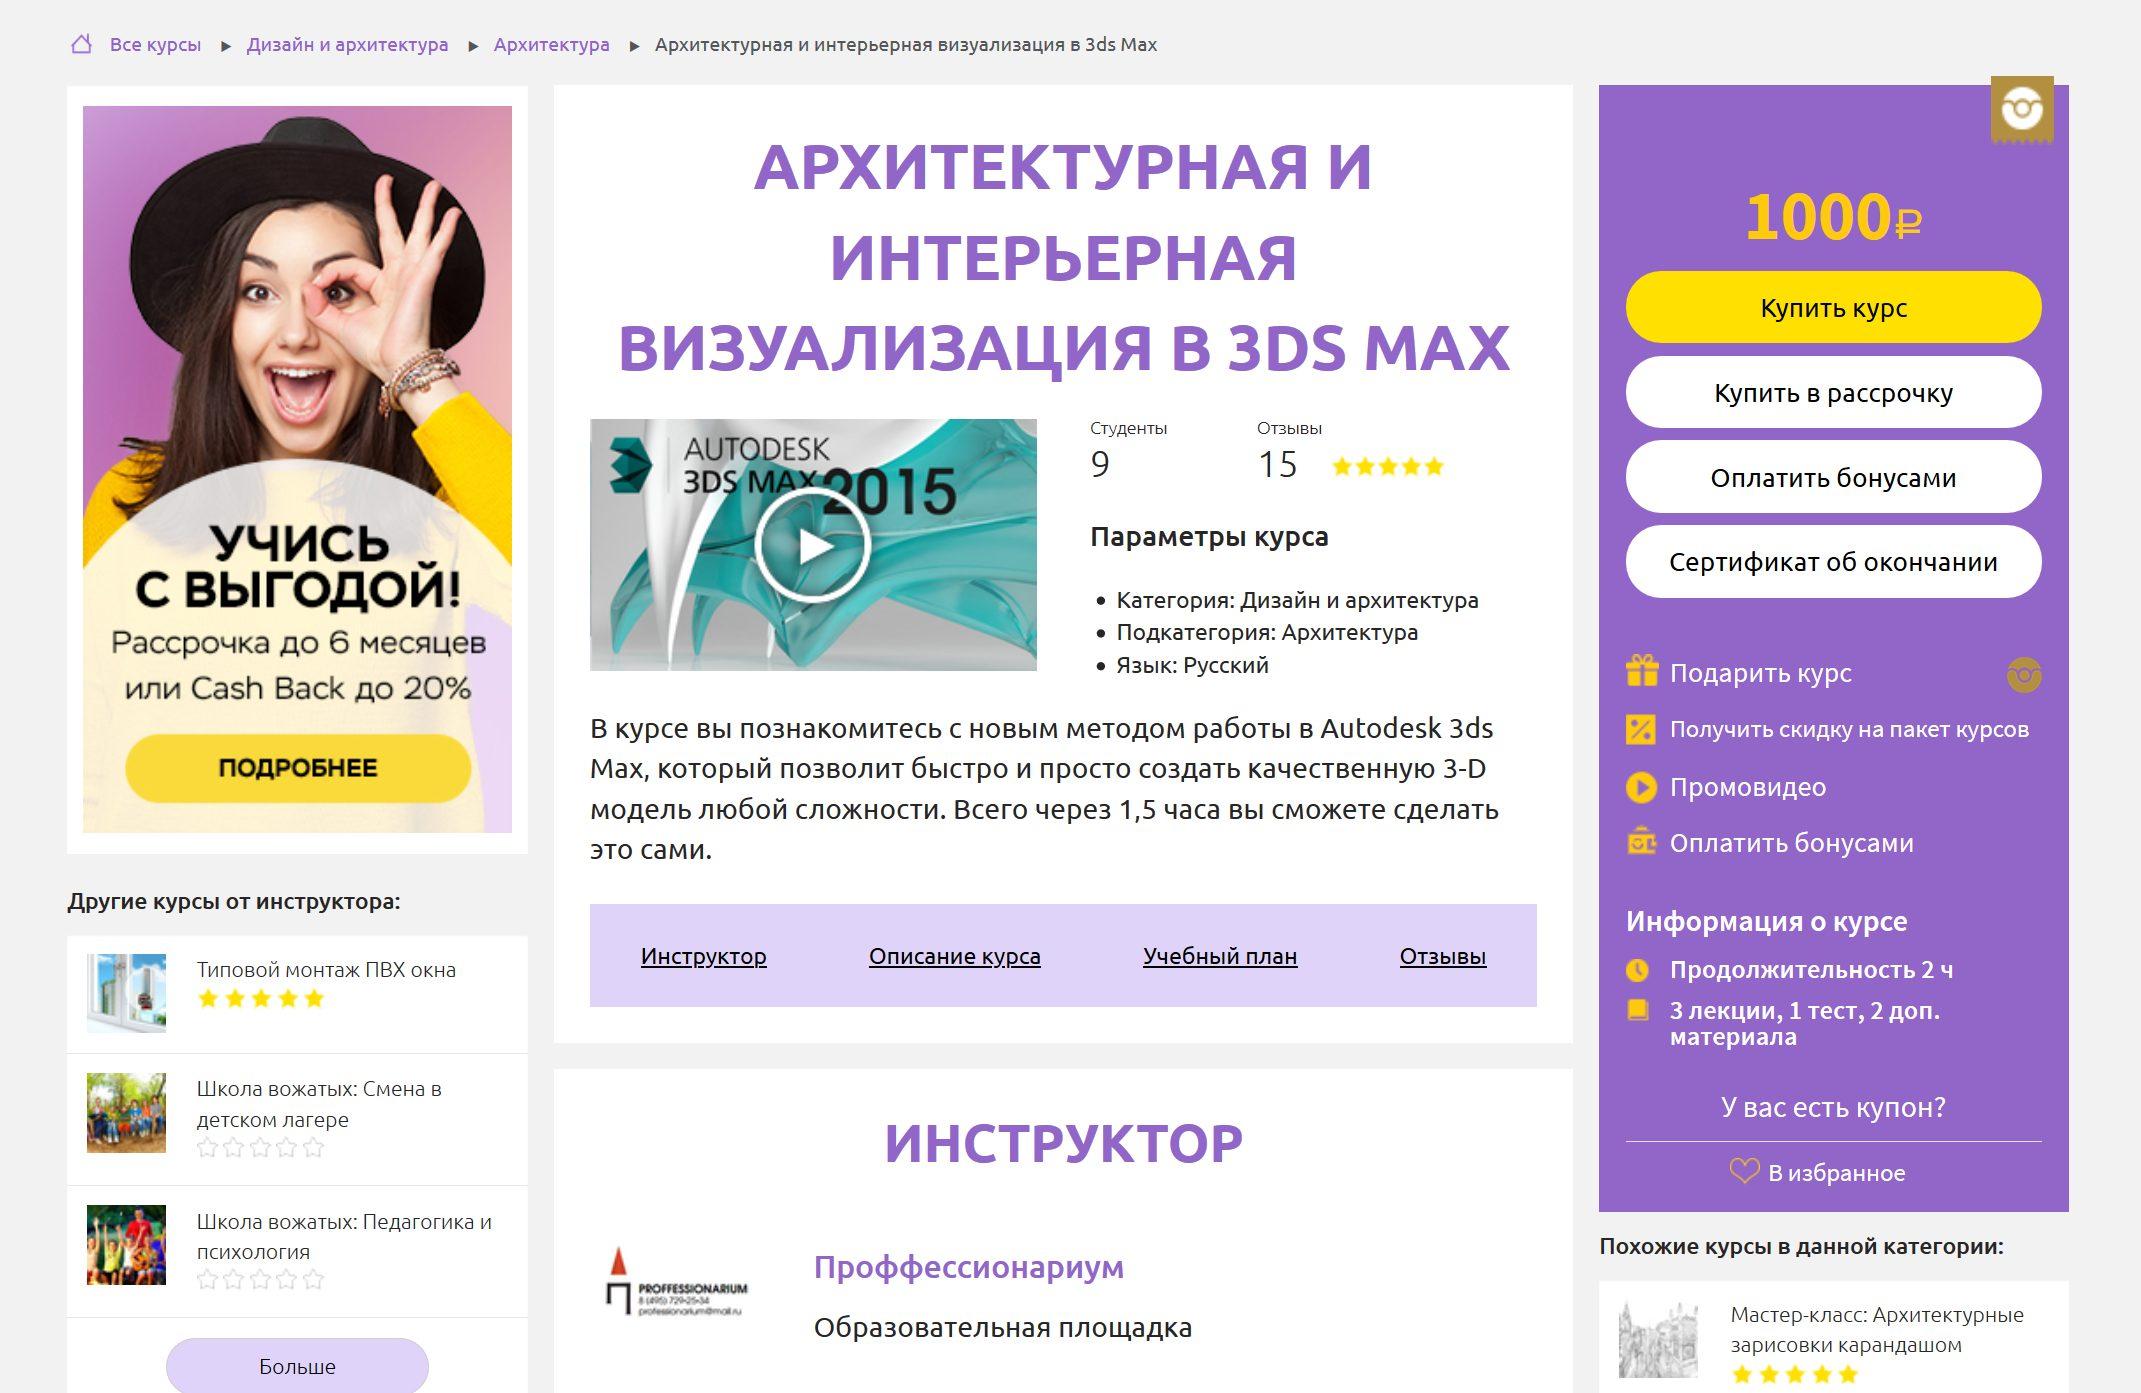 Курсы 3Д макс для дизайнеров интерьера в Москве ? Профессиональные курсы 3D Max - Лучшие онлайн курсы на сайте Smotriuchis.ru